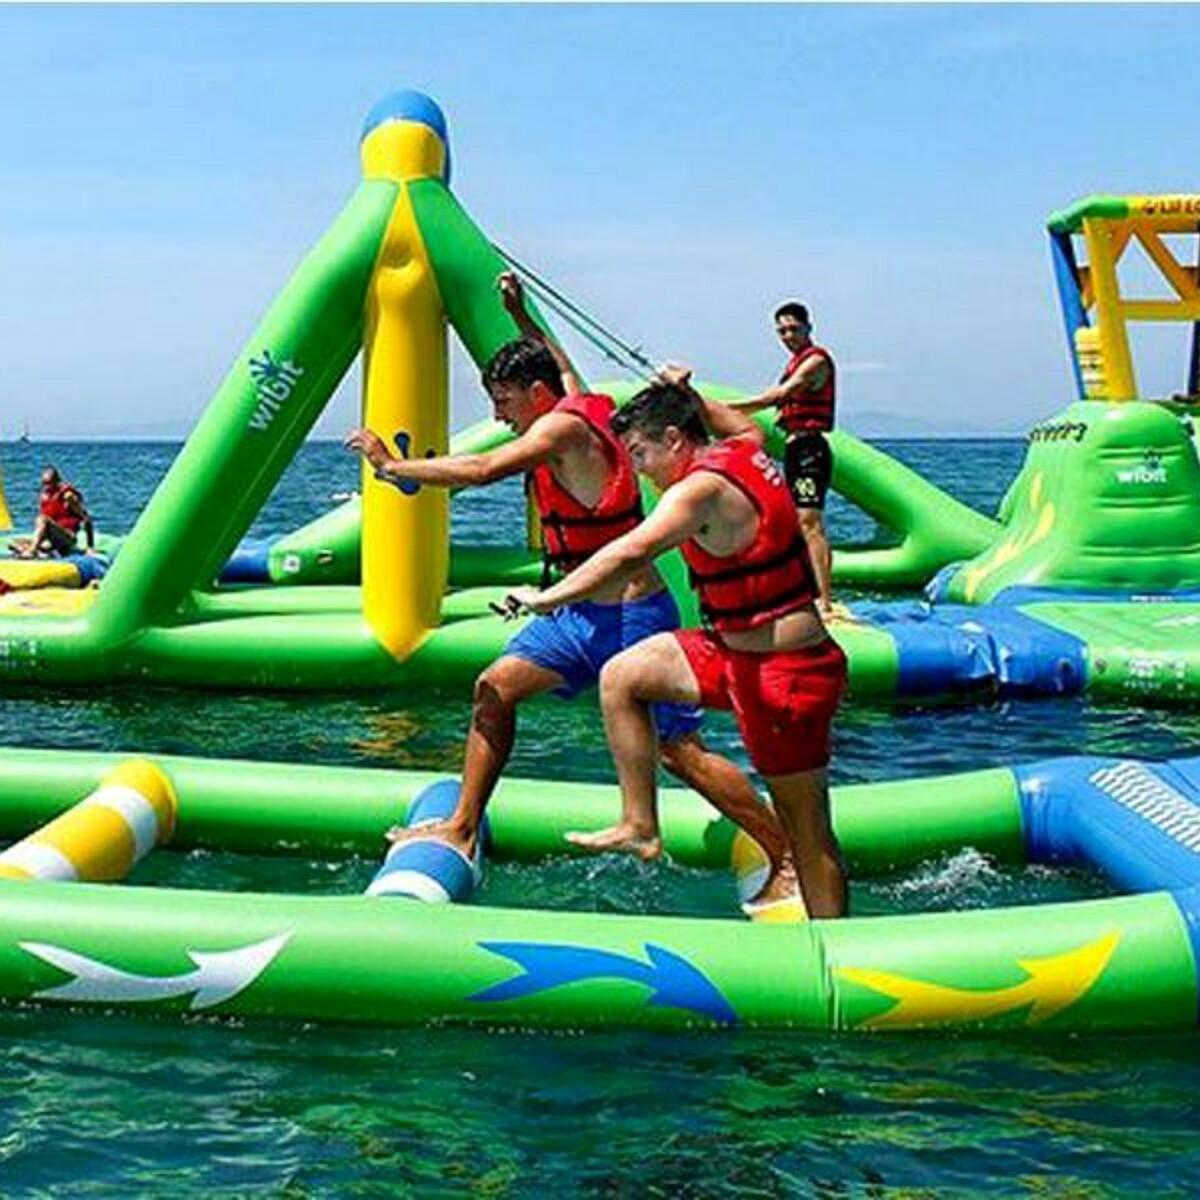 Ecco dove passare una giornata d'estate a due passi dal mare: gonfiabili galleggianti, avventura e relax